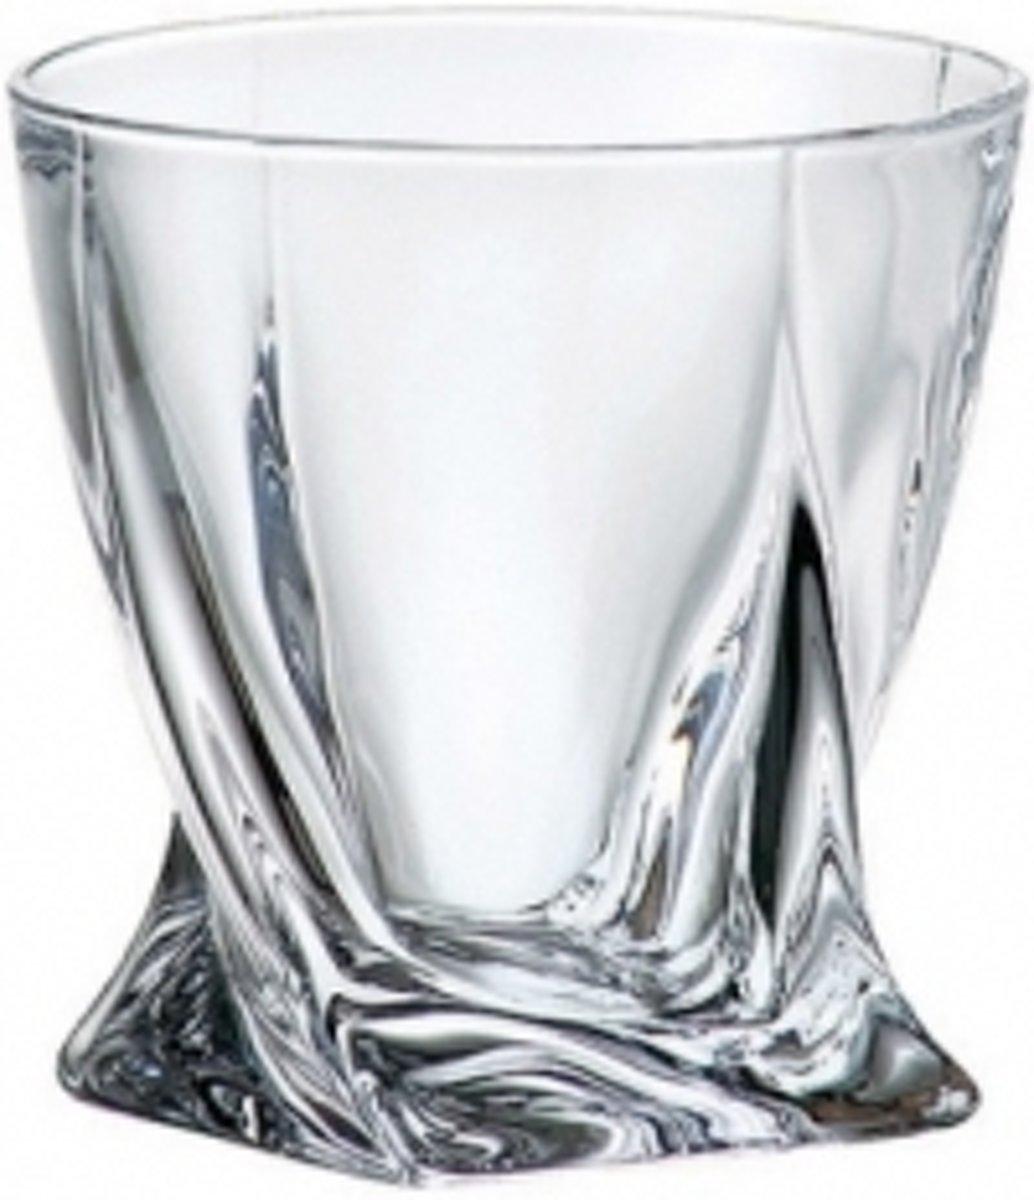 Crystalite Quadro whiskeyglazen - 34 cl - 2stks kopen